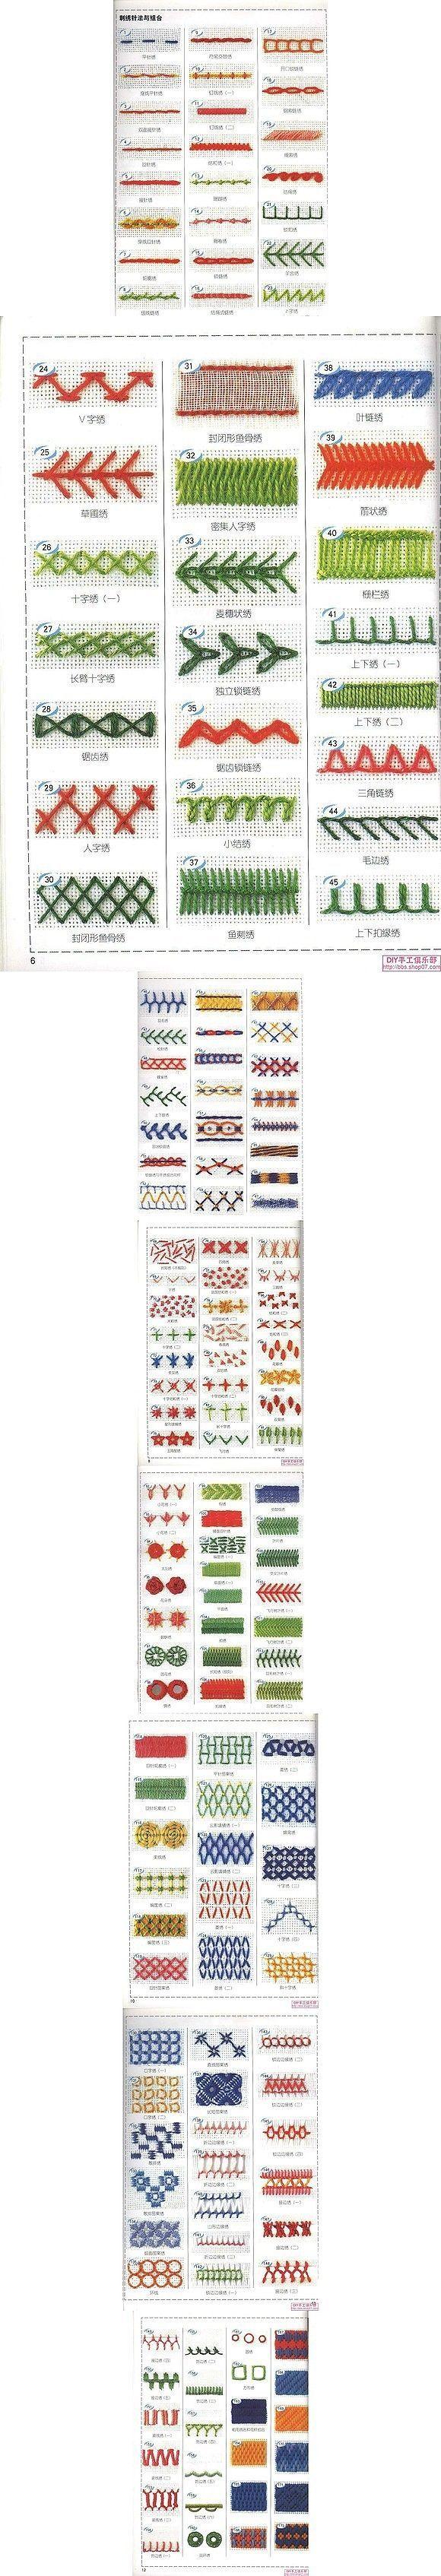 Embroidery stitches by ilmodano